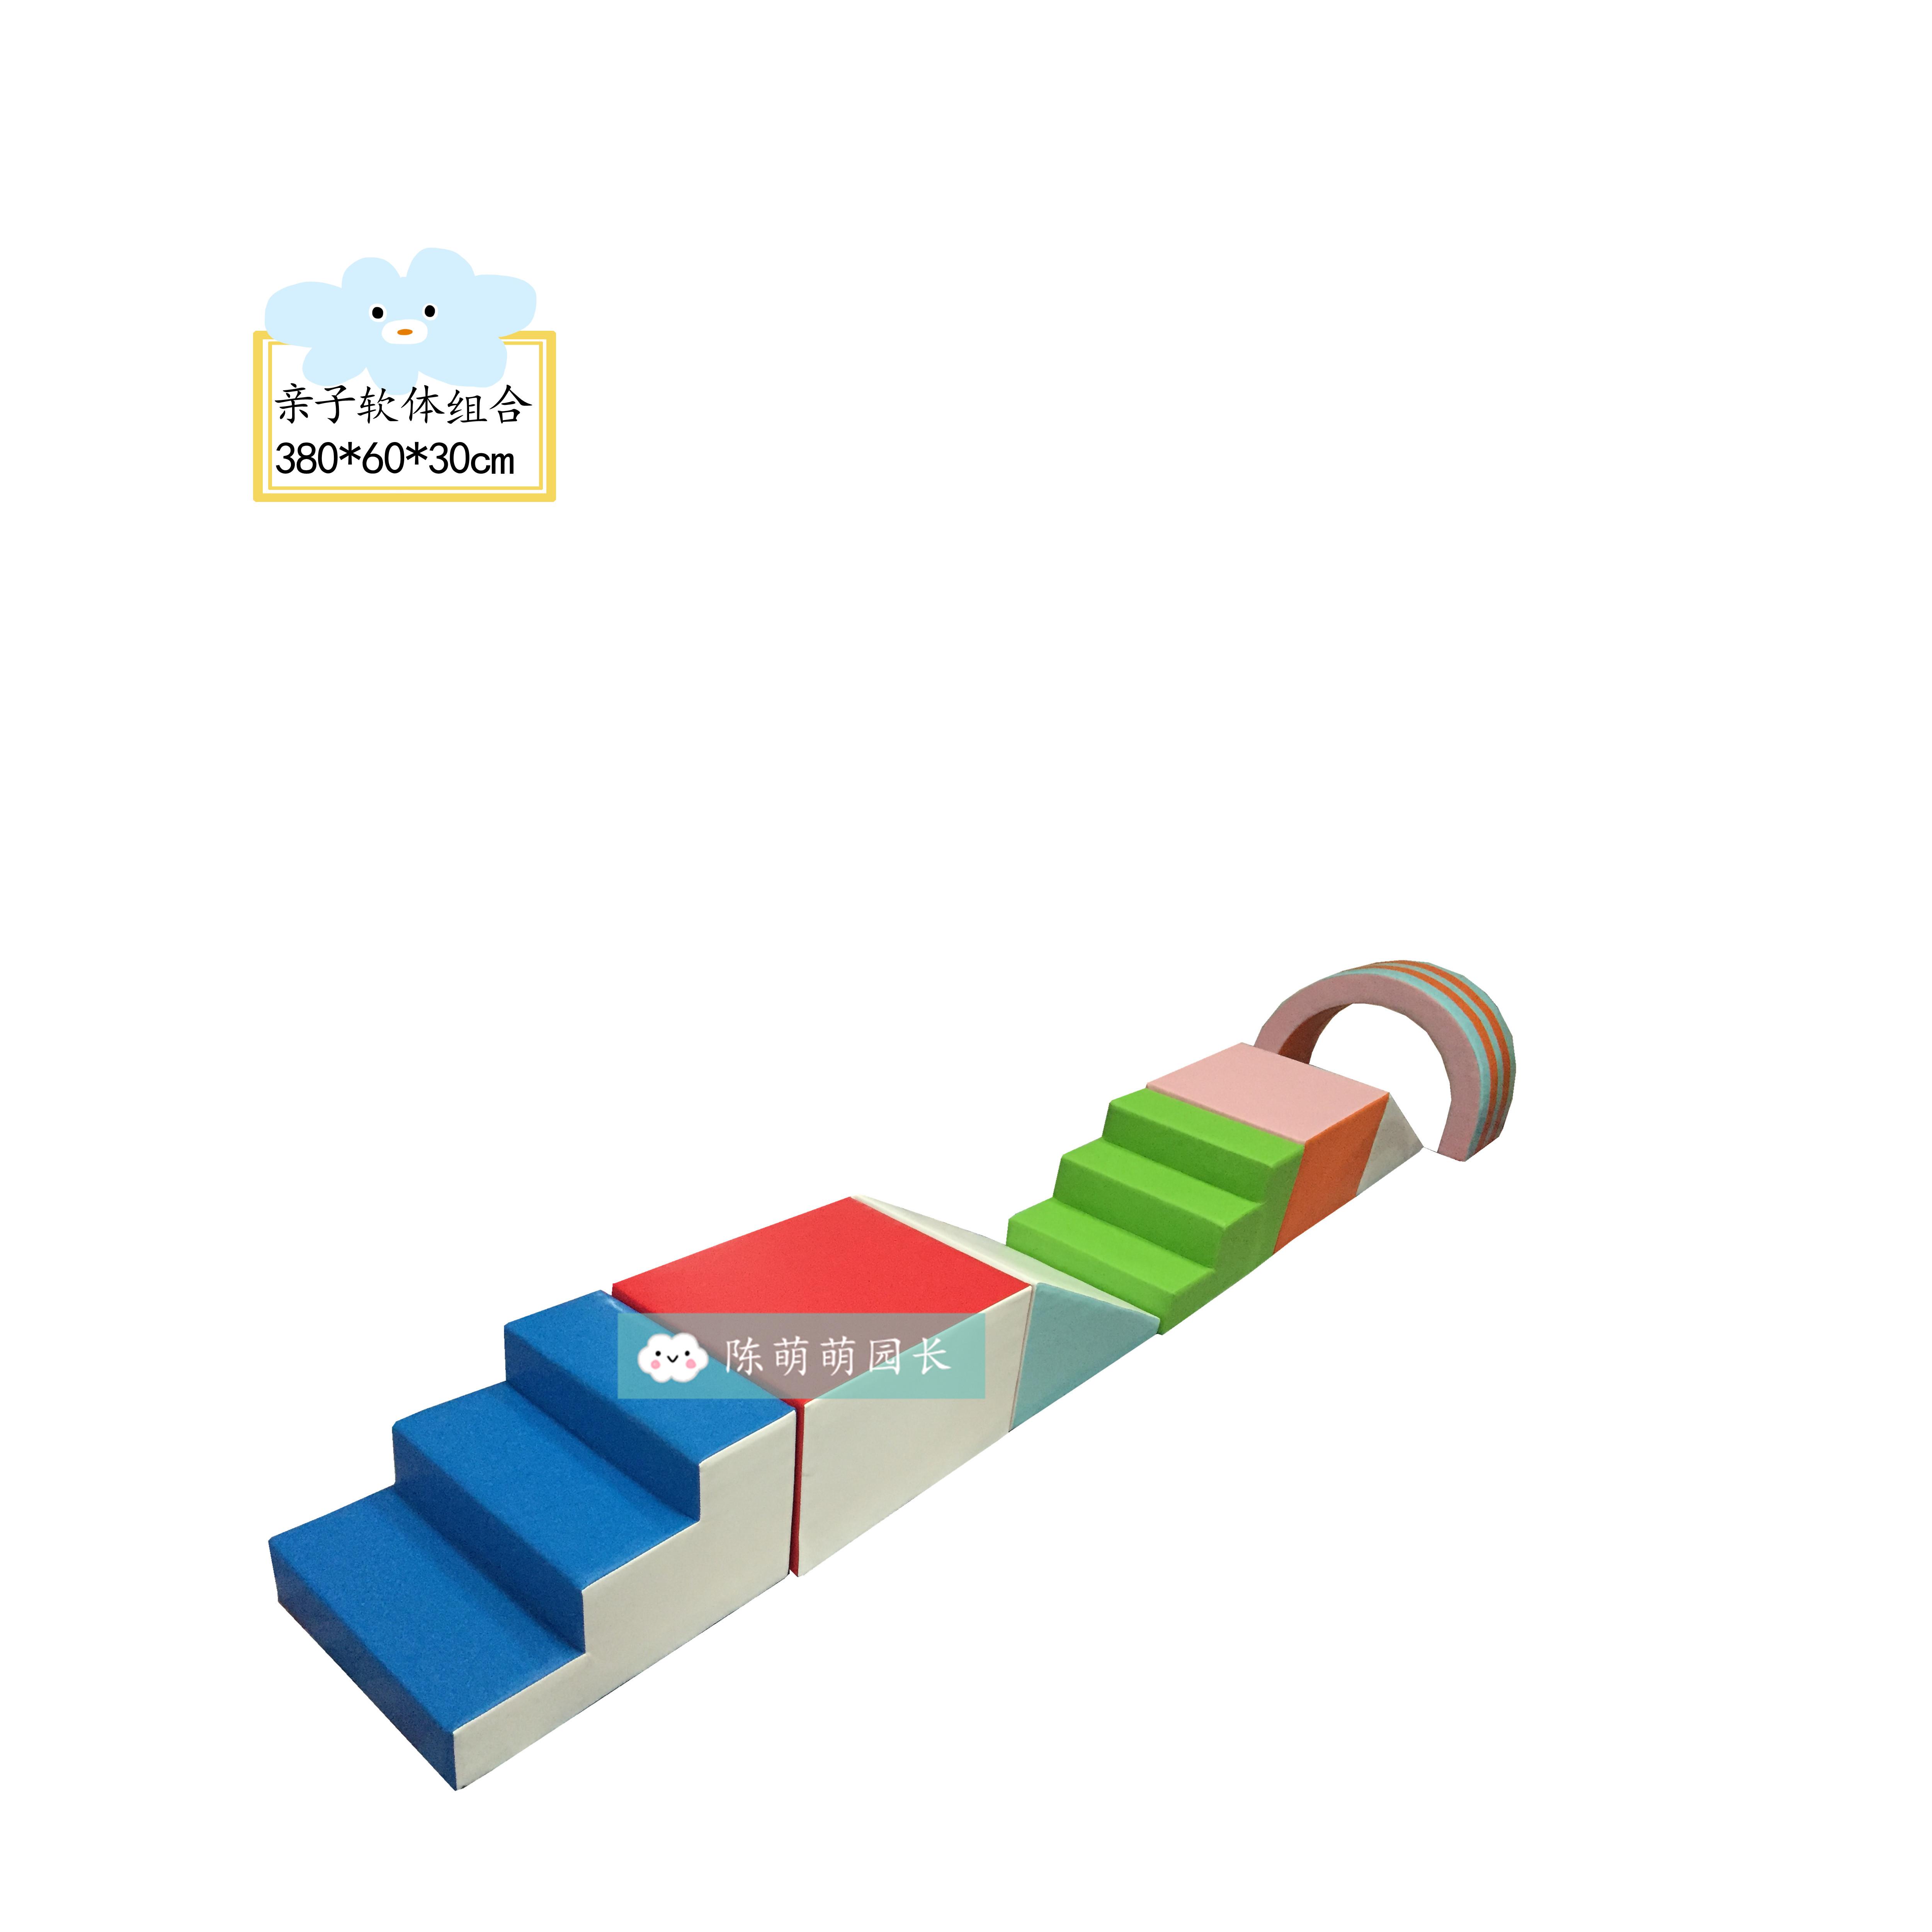 Мягкие ограждения для детей Артикул 553508862079